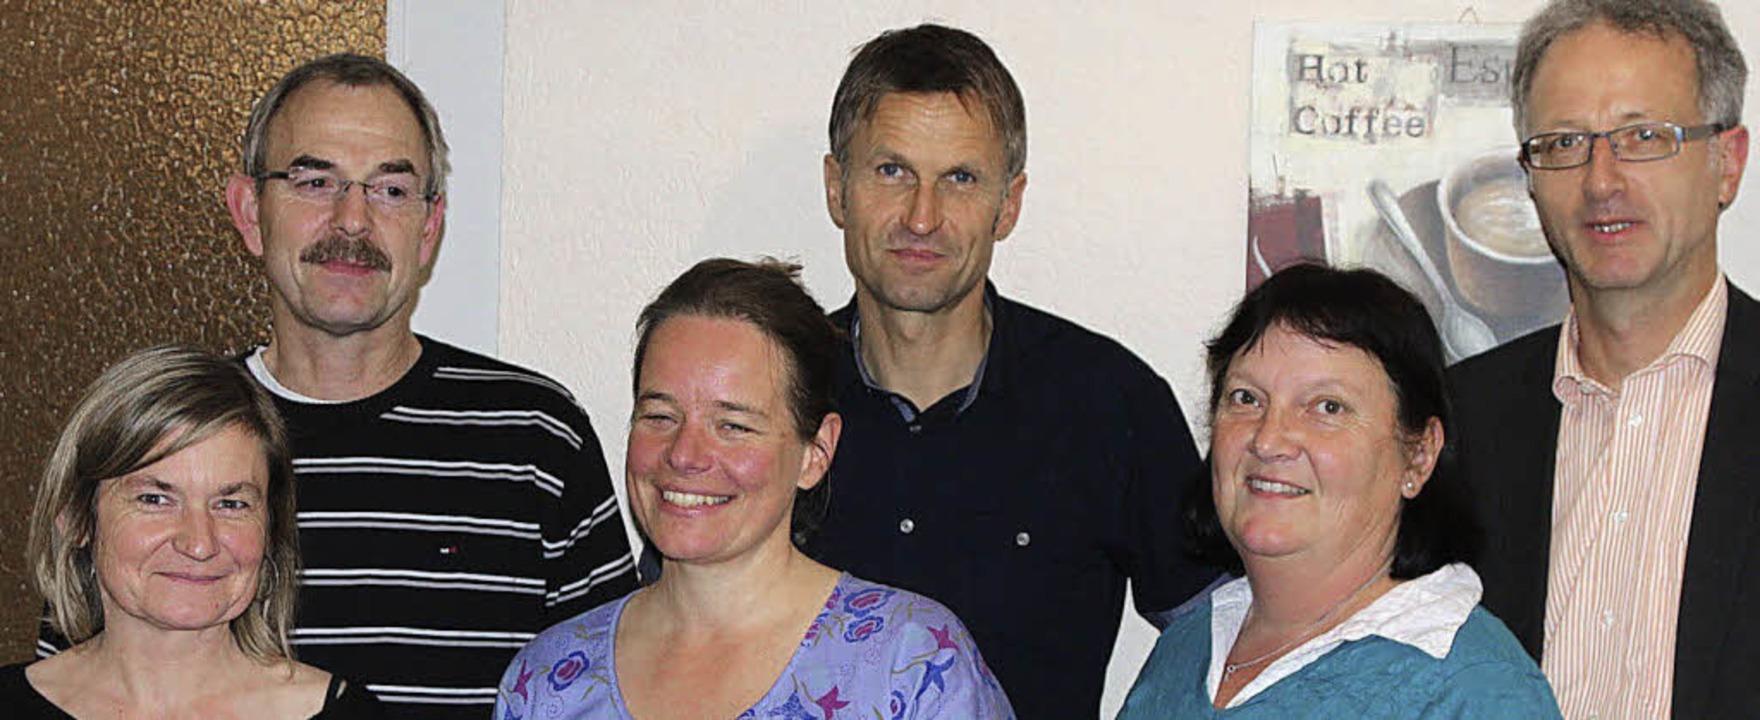 Gemeinschafts-Vorstand wieder komplett...ann, Ulrike Mölbert und Stephan Mohr.   | Foto: Hans-Jürgen Hege